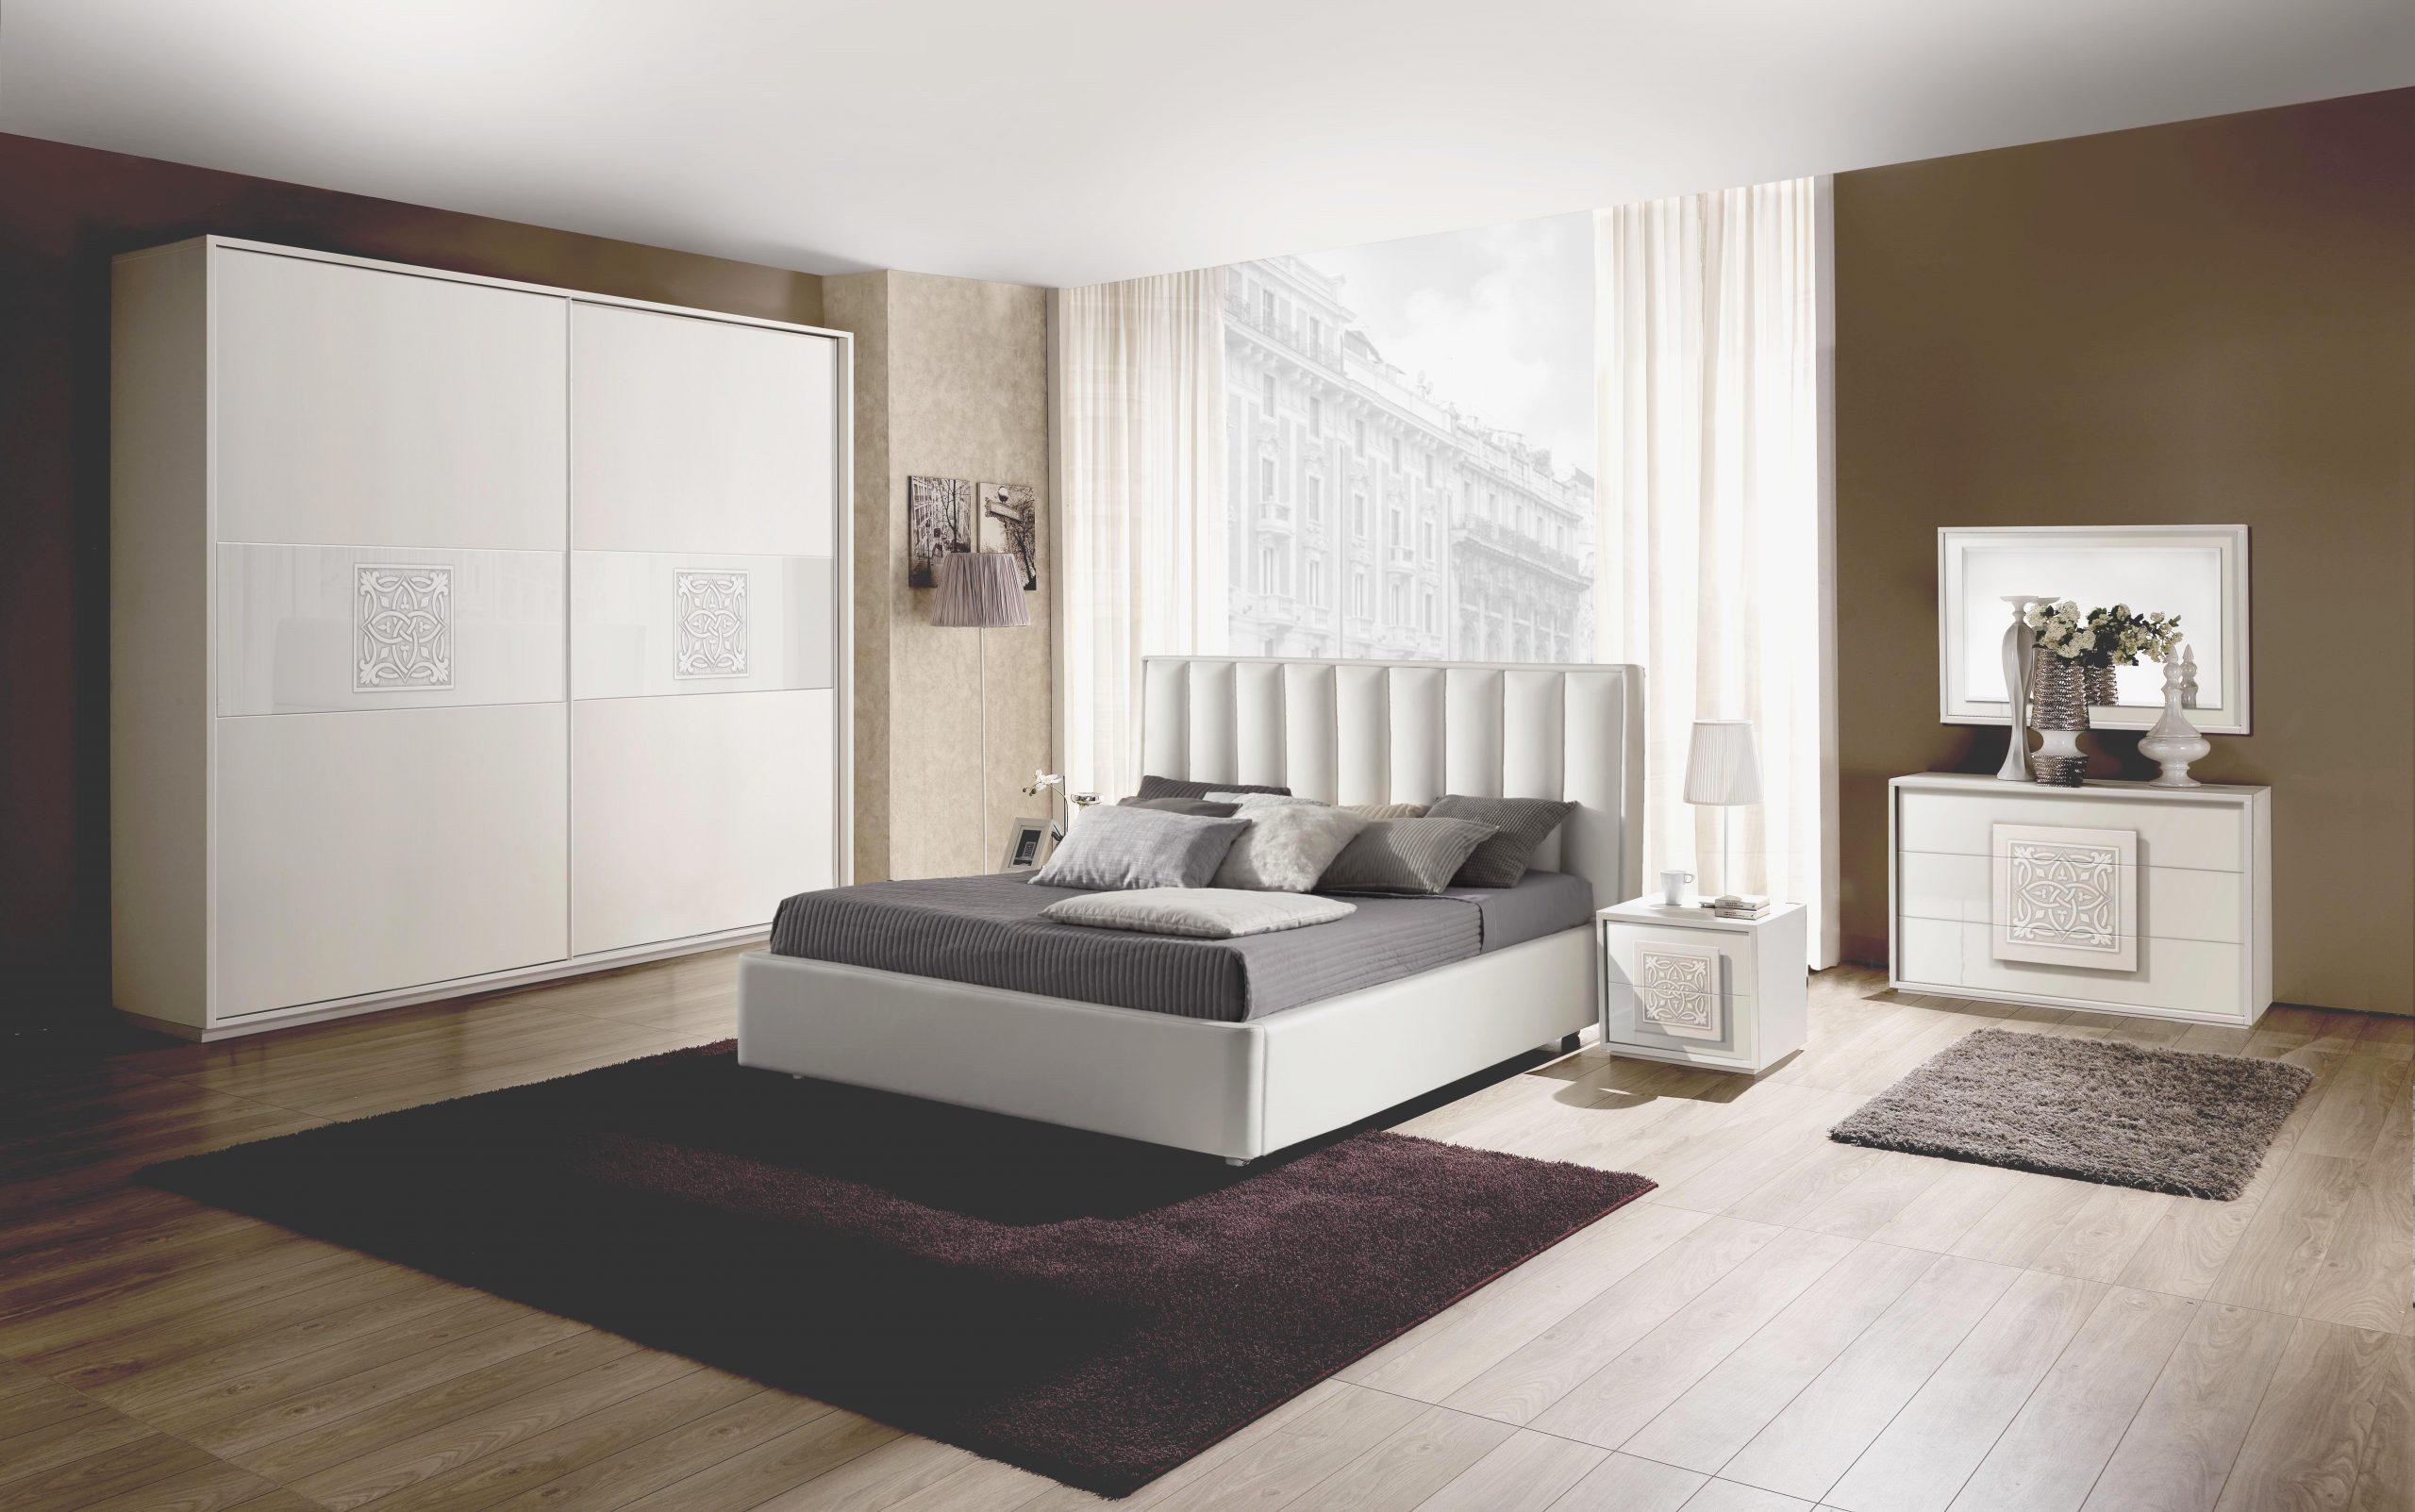 Full Size of Schlafzimmer Set Dama In Wei Modern Design 160x200 Cm Mit Stuhl Für Komplett Weiß Poco Bad Kommode Hochglanz Wandtattoo Big Sofa Vorhänge Bett 90x200 Schlafzimmer Schlafzimmer Set Weiß